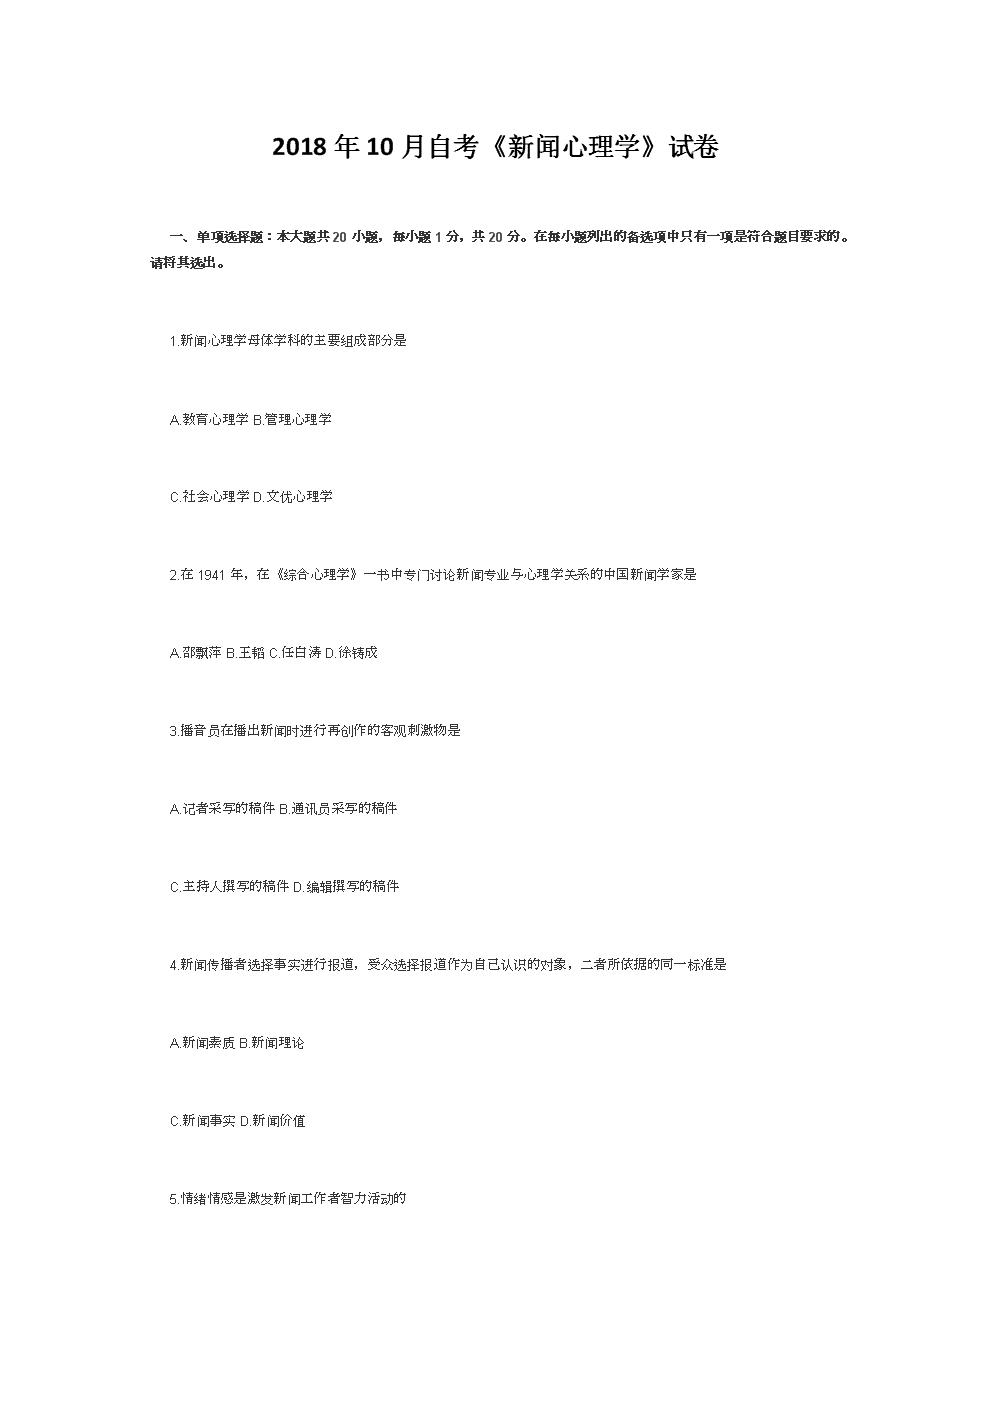 【自考真题】2018年10月自考《新闻心理学》试卷.doc